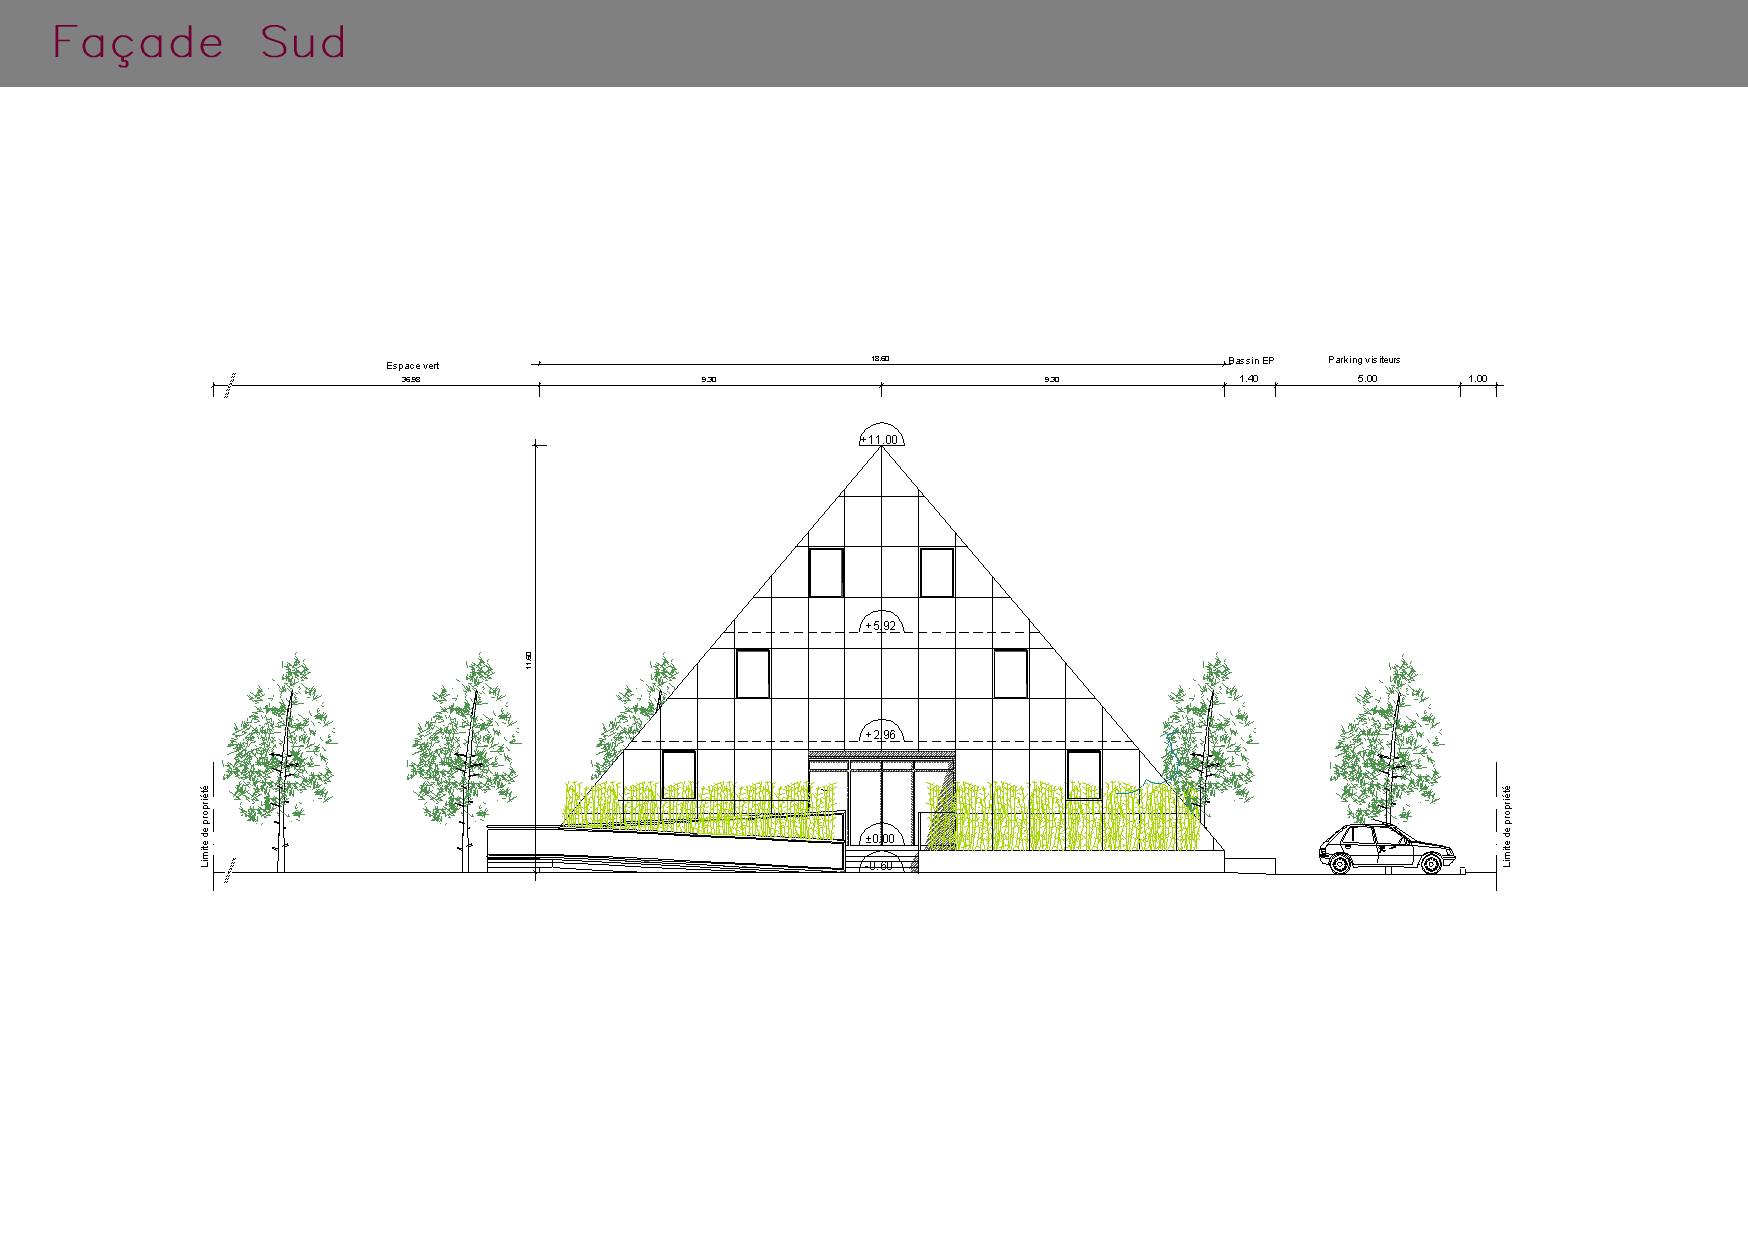 Bureaux pyramide : façade SUD